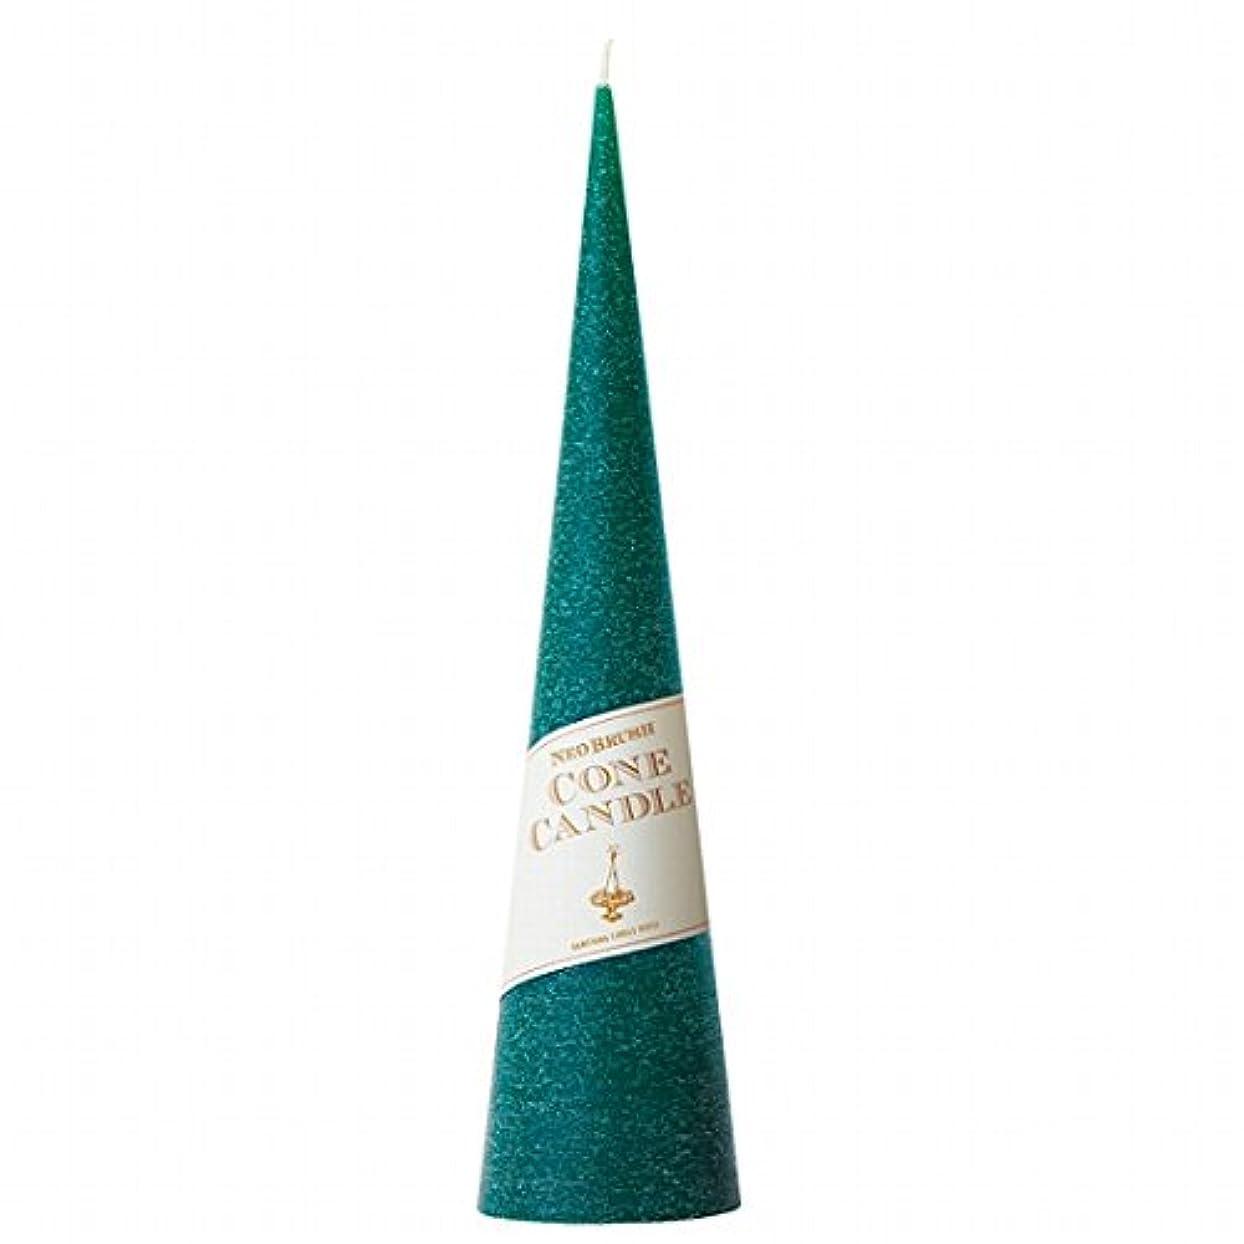 異形計器在庫kameyama candle(カメヤマキャンドル) ネオブラッシュコーン 295 キャンドル 「 グリーン 」(A9750030G)